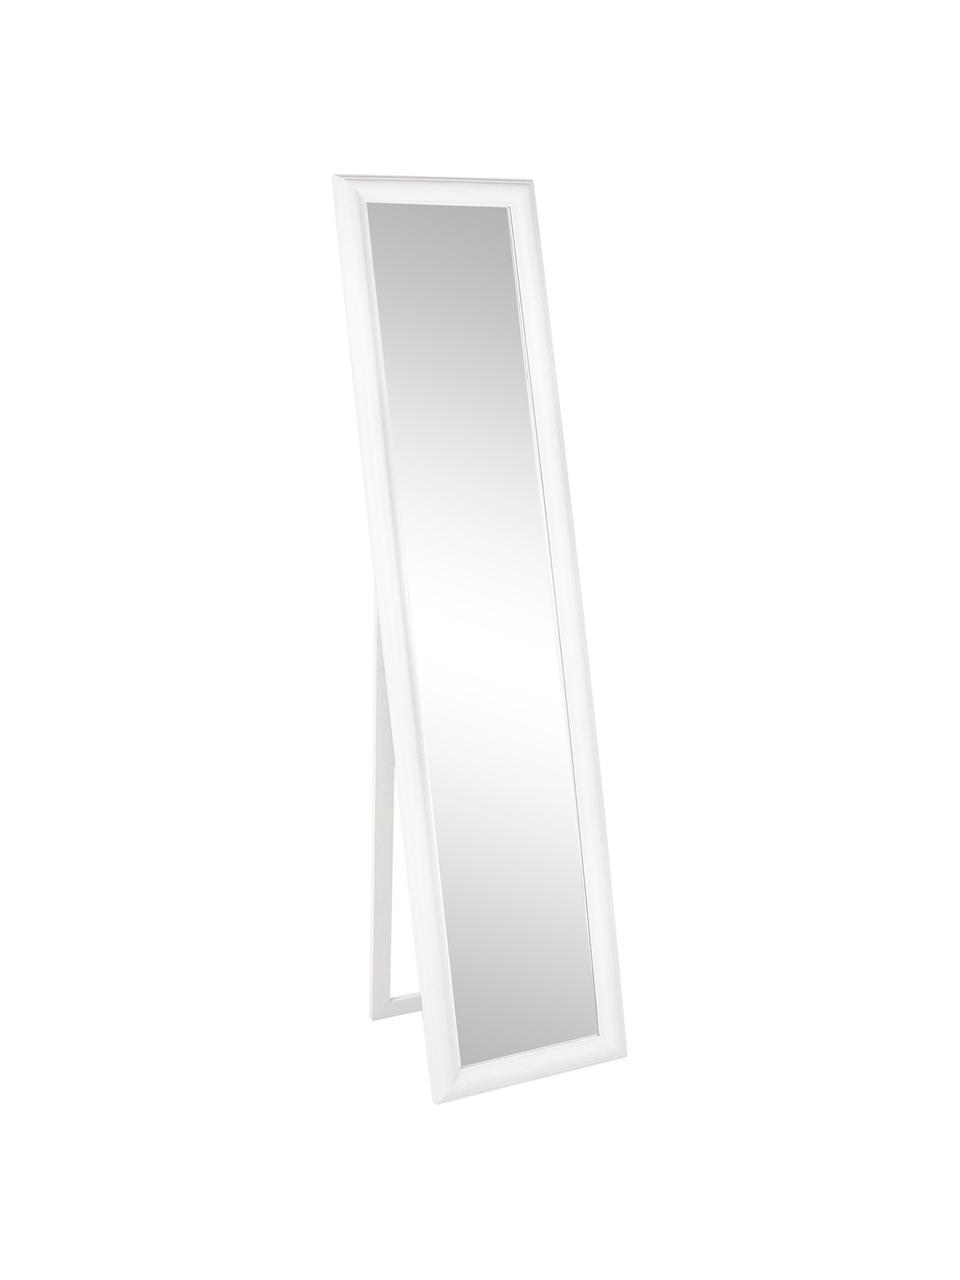 Eckiger Standspiegel Sanzio mit weißem Holzrahmen, Rahmen: Holz, beschichtet, Spiegelfläche: Spiegelglas, Weiß, 40 x 170 cm